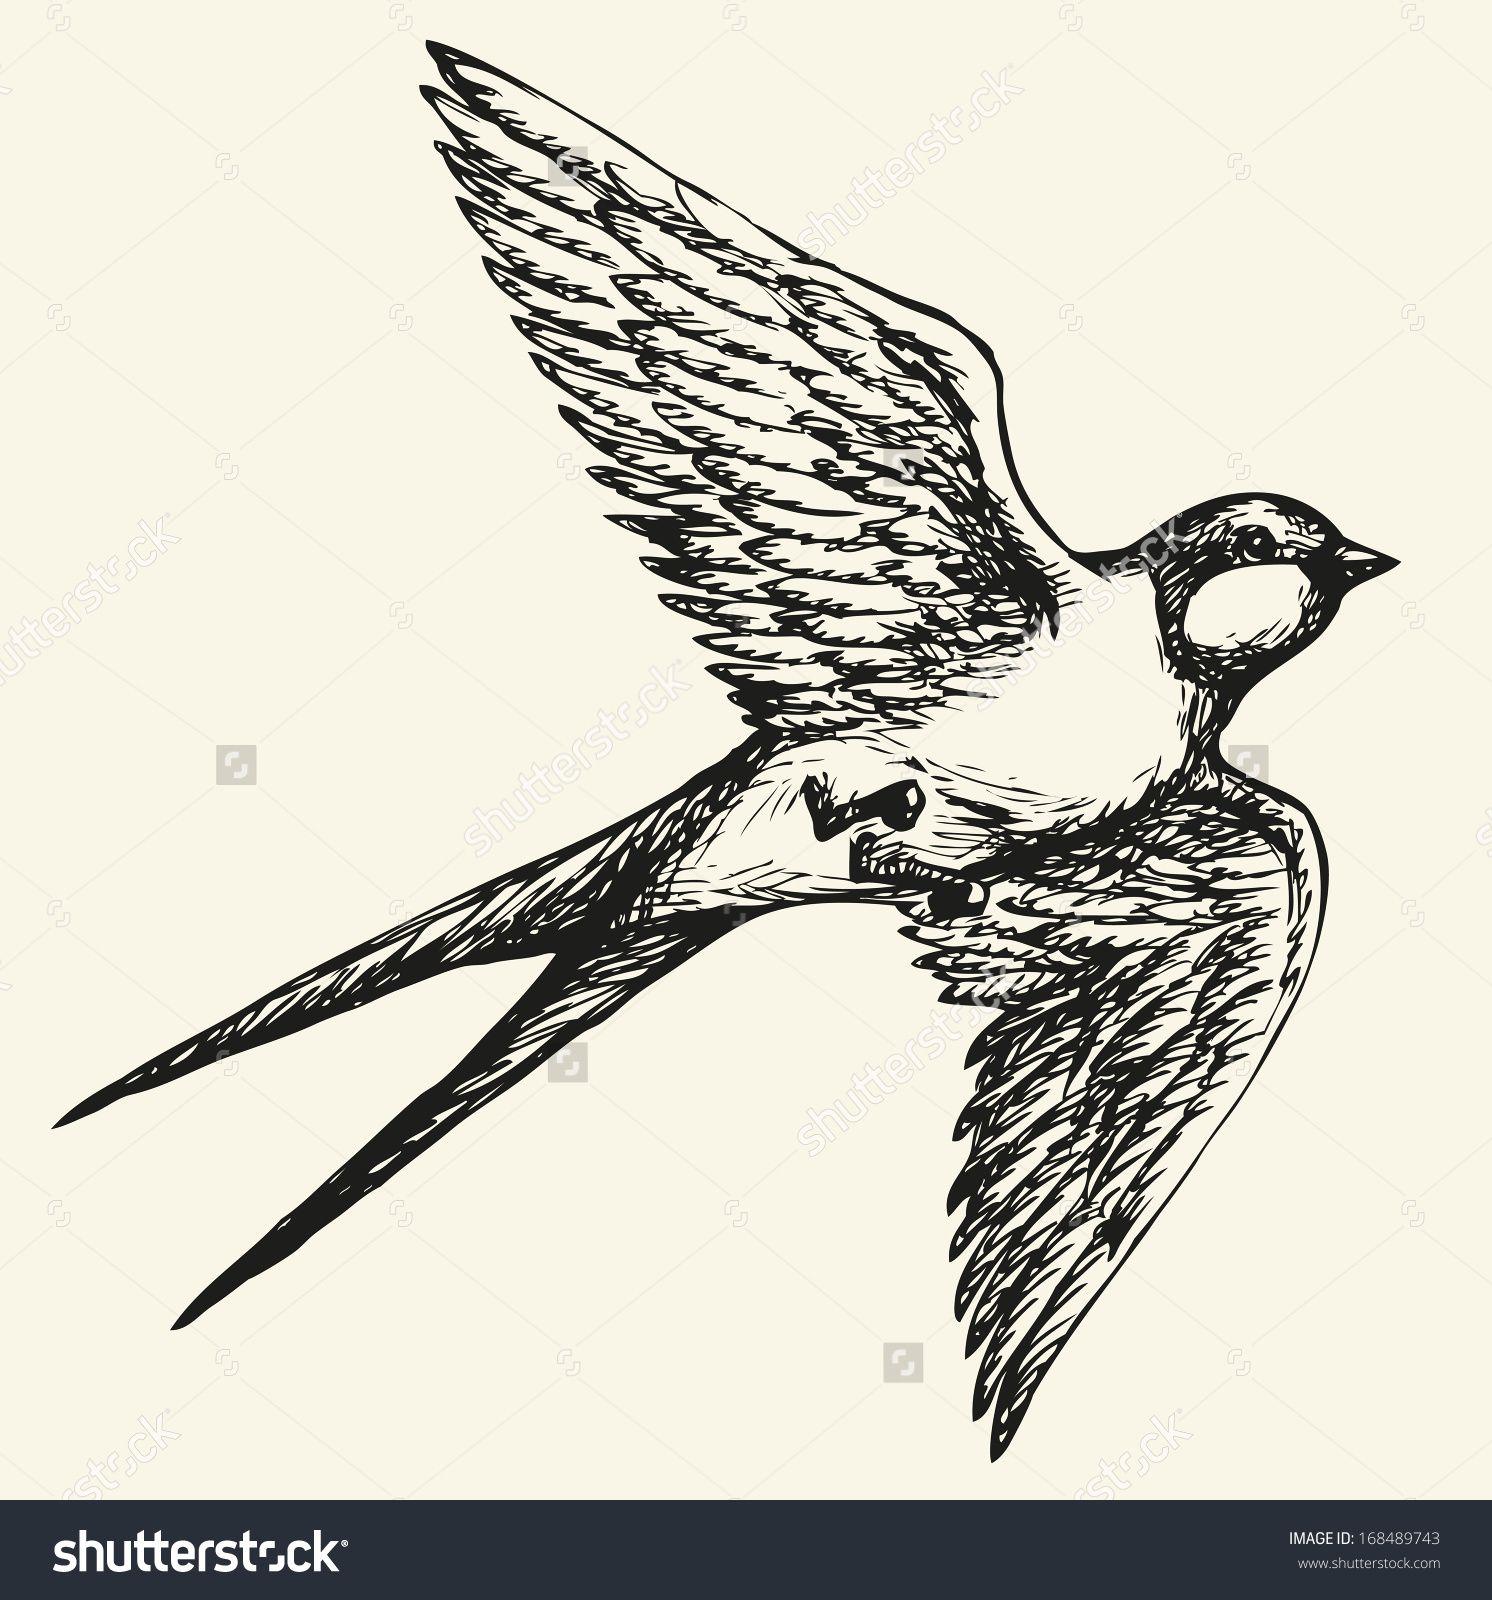 1492x1600 Birds Stock Vectors Amp Vector Clip Art Shutterstock Images